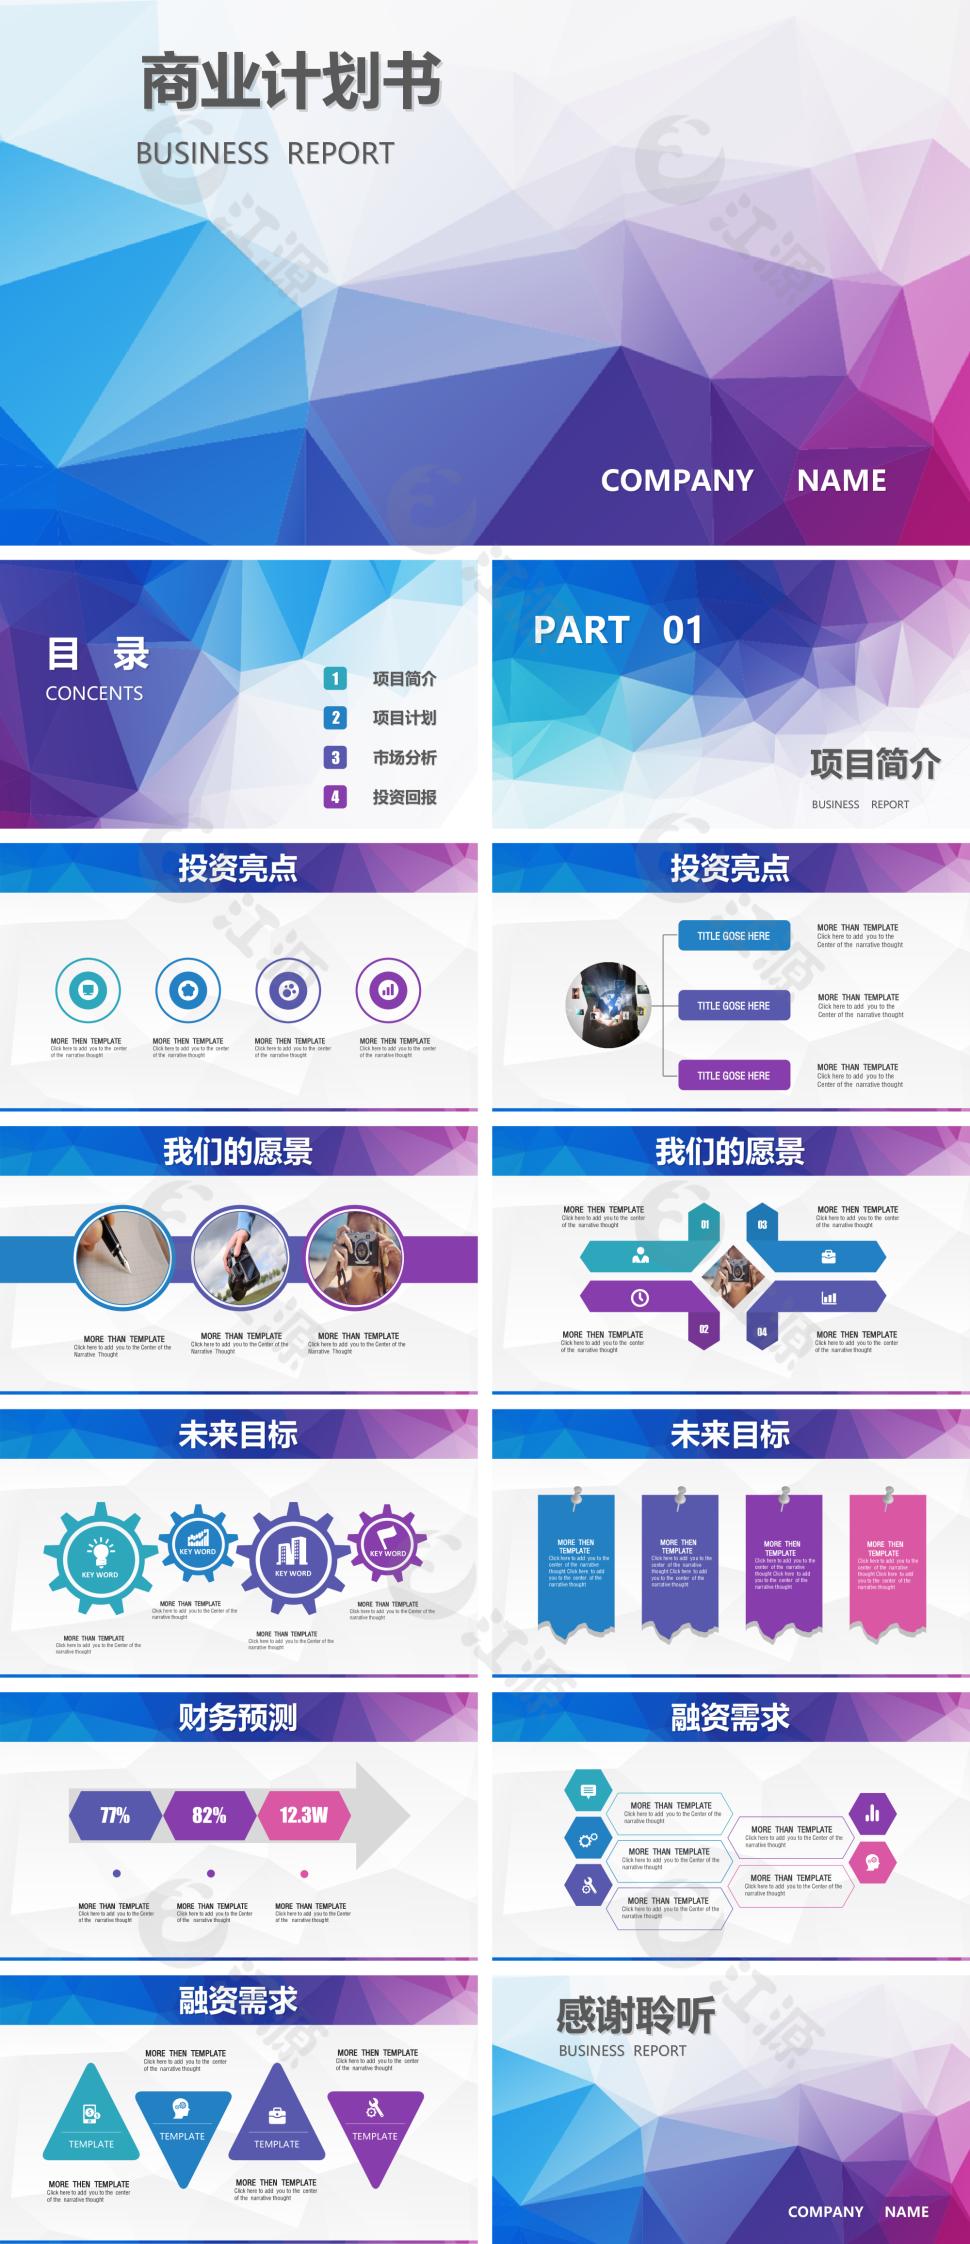 蓝色小清新风金融投资创业融资ppt模板